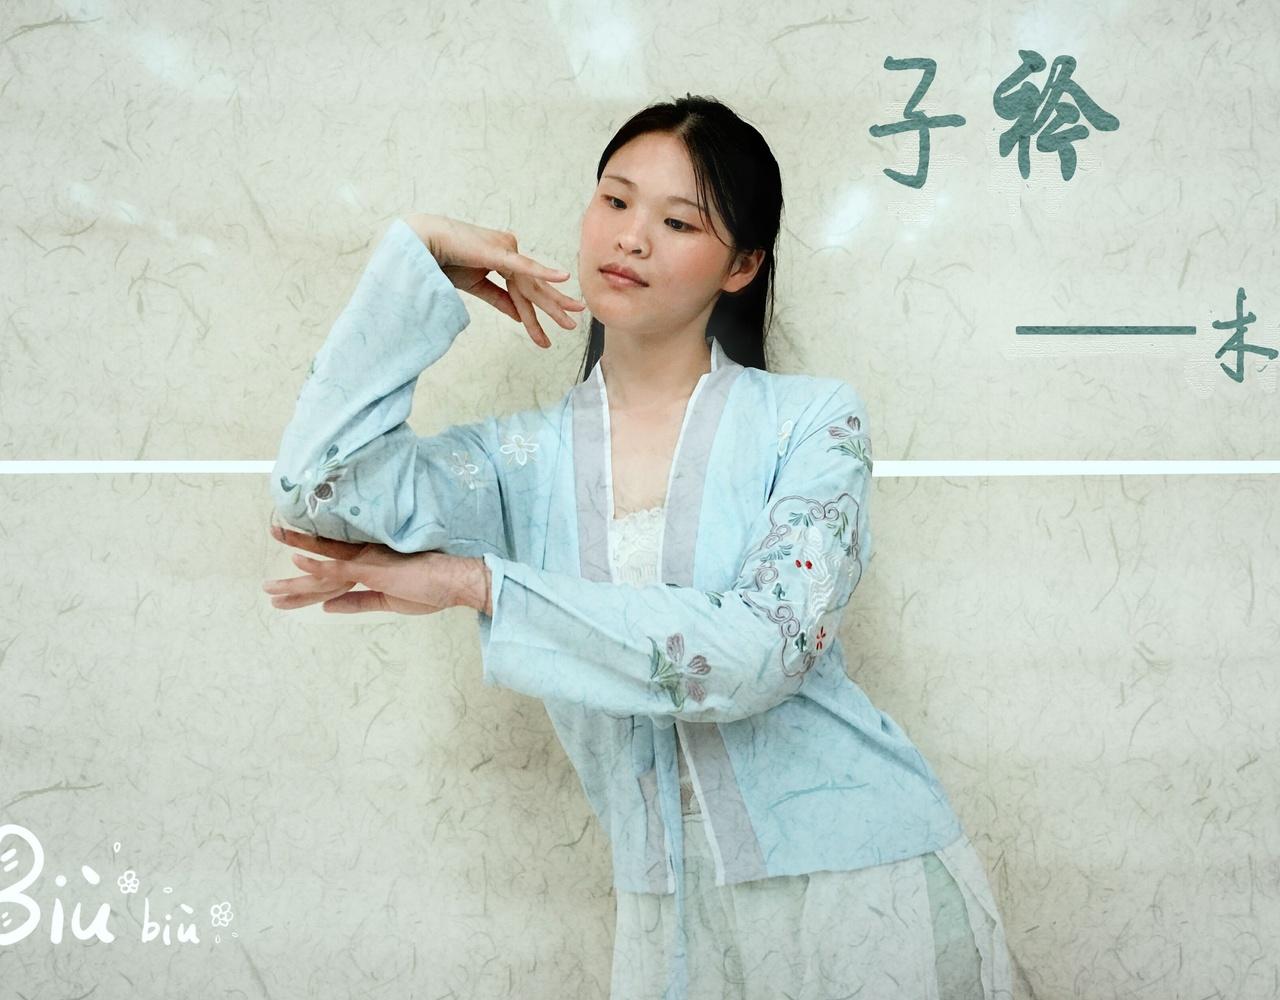 【YIA冠名】子衿—棠梨煎雪[周木棉]原创编舞/自唱跳/古风系美少女